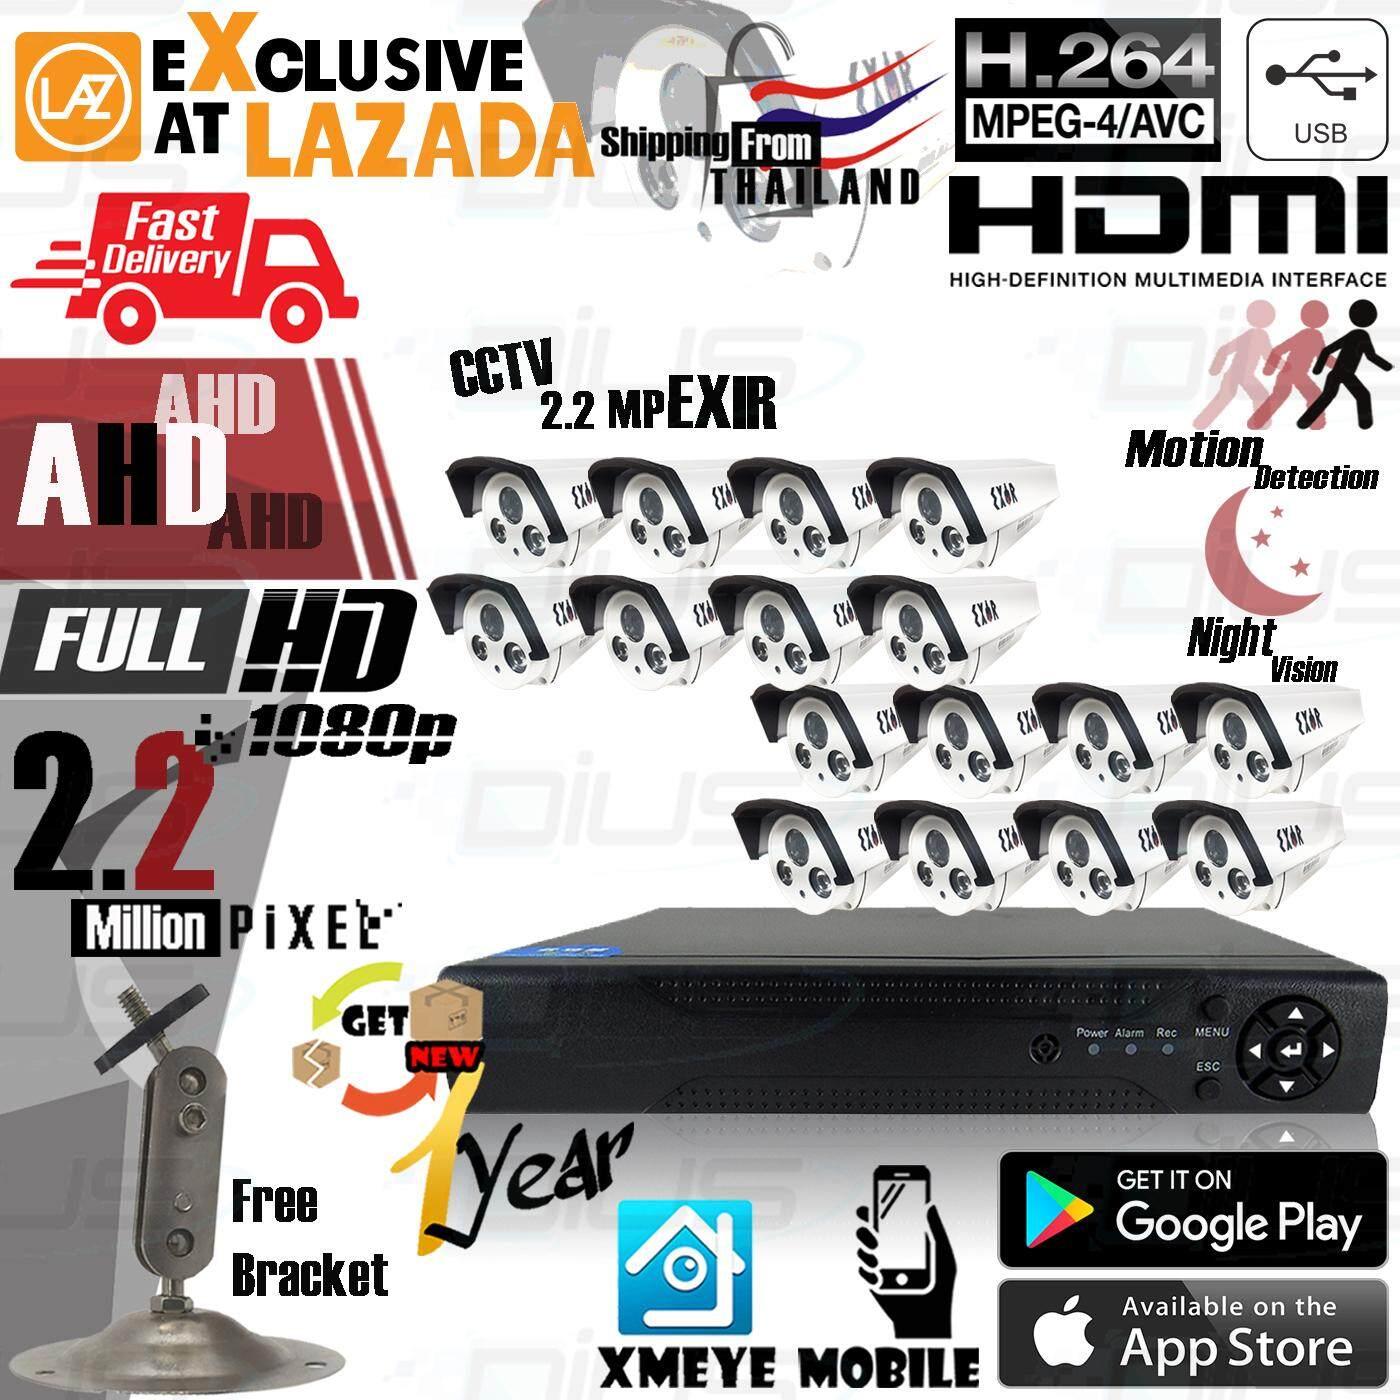 คูปอง ส่วนลด เมื่อซื้อ ชุดกล้องวงจรปิด EXIR 16CH AHD Kit Set กล้องทรงกระบอก 2.2MP อินฟาเรด 40 เมตร 16 ตัว / IR-Cut / Night Vision / Day&Night / Water Proof พร้อมเครื่องบันทึก 16 ช่อง 6IN1 AHD / CVI / TVI / IP / Analog(CVBS) / XVI DVR รุ่น DTR-AFS1080N016NN ฟรี ขายึดกล้อง ภาพคมชัดของจริง